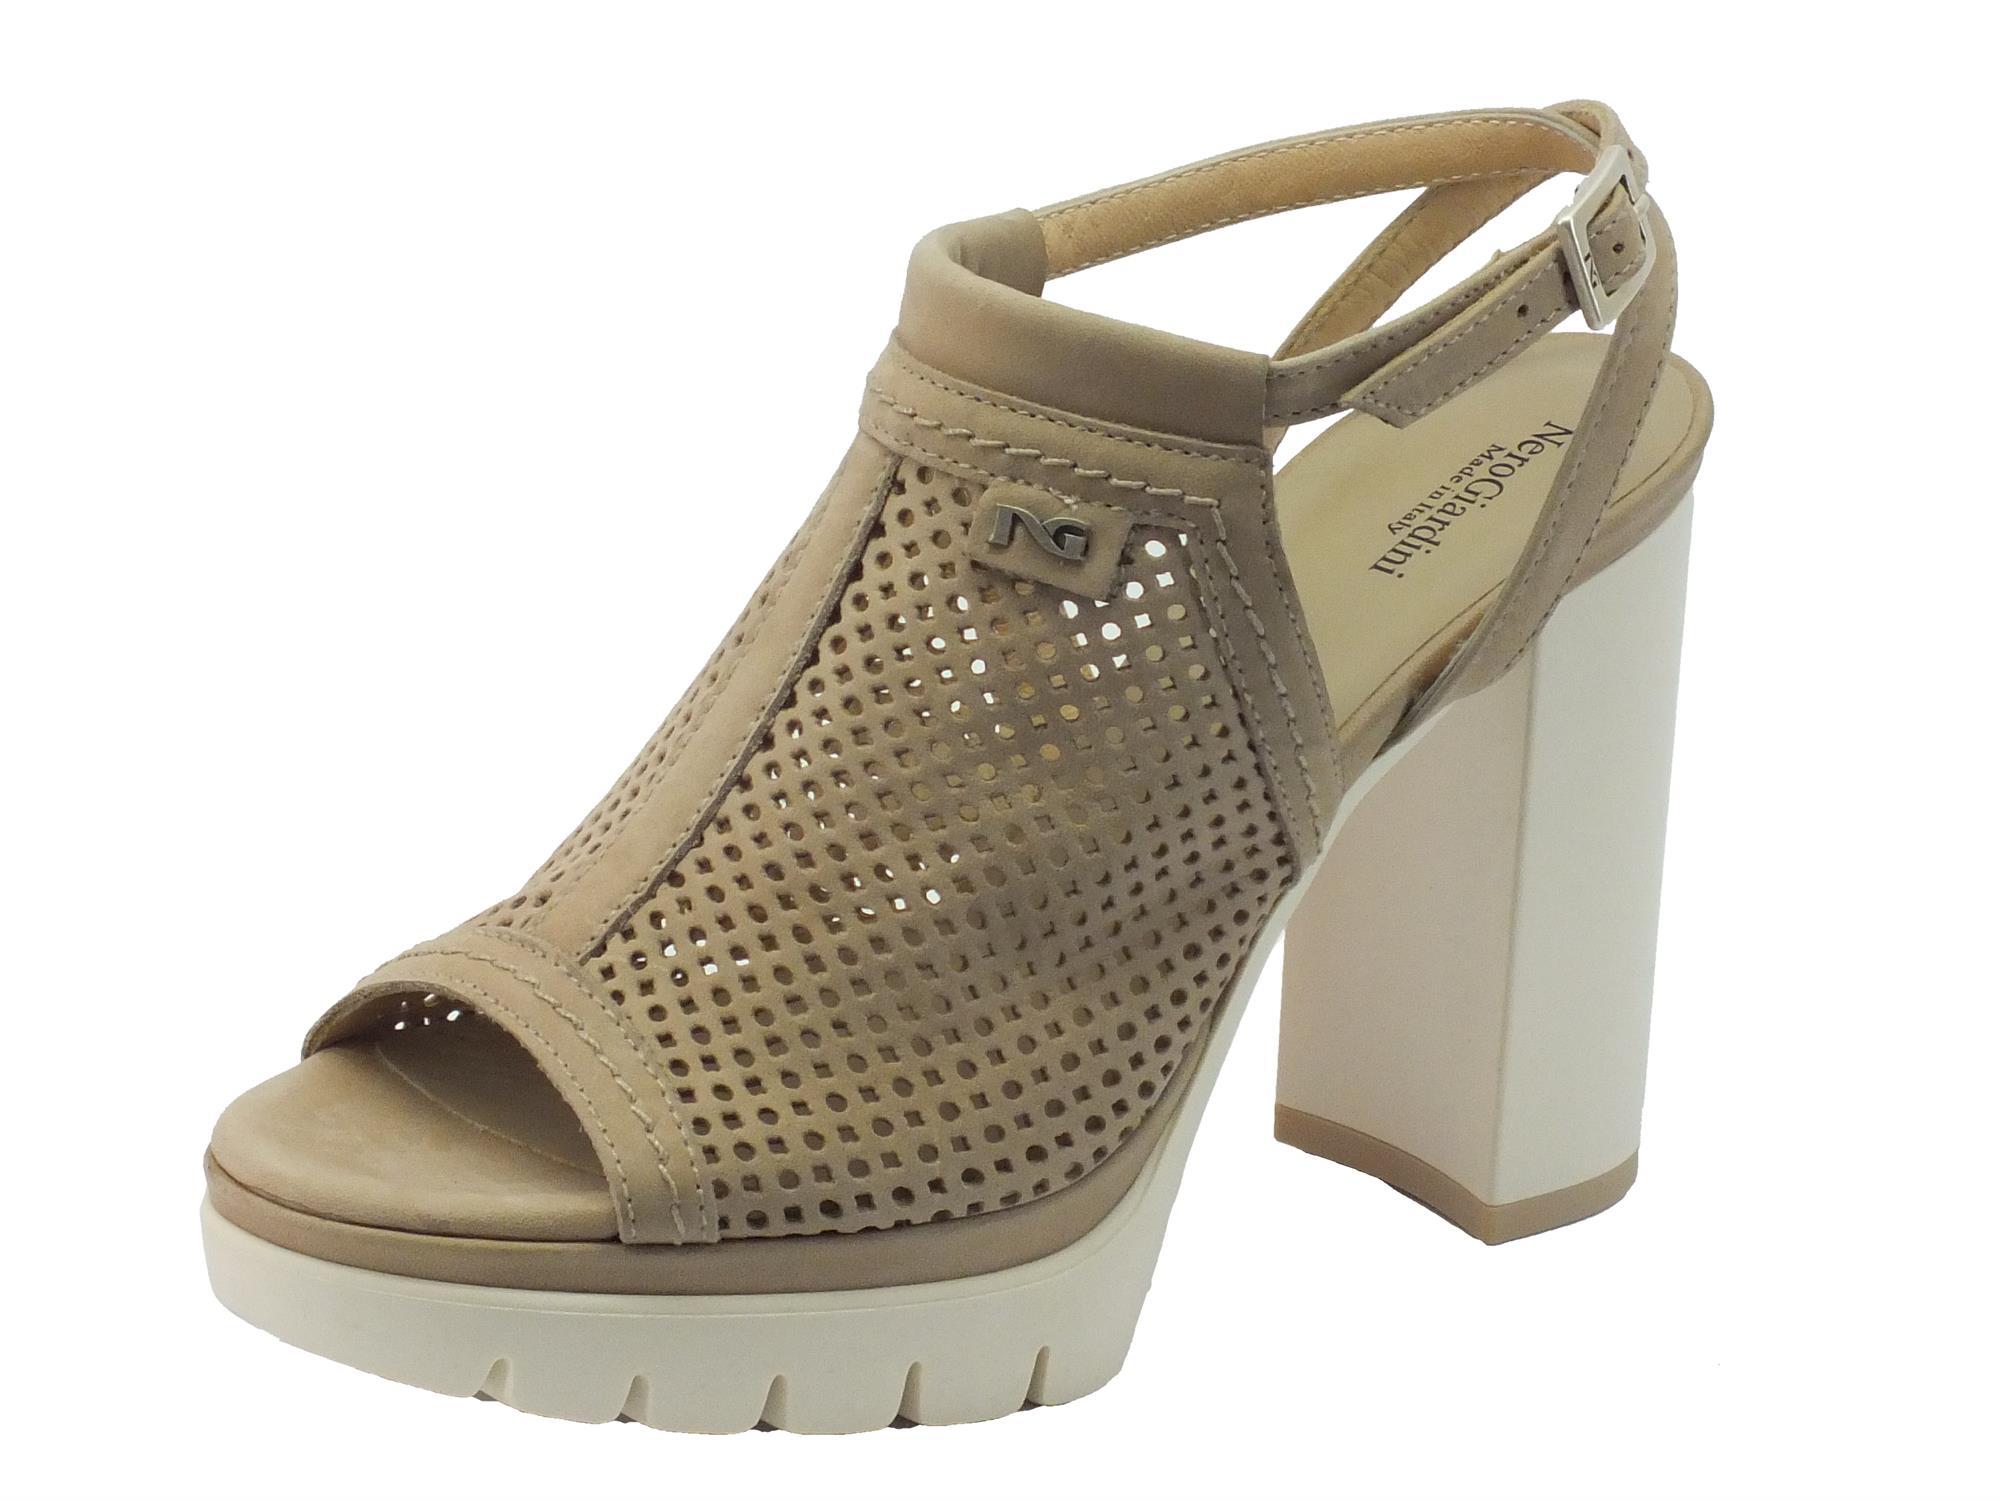 NeroGiardini sandali donna in pelle traforata nera tacco alto